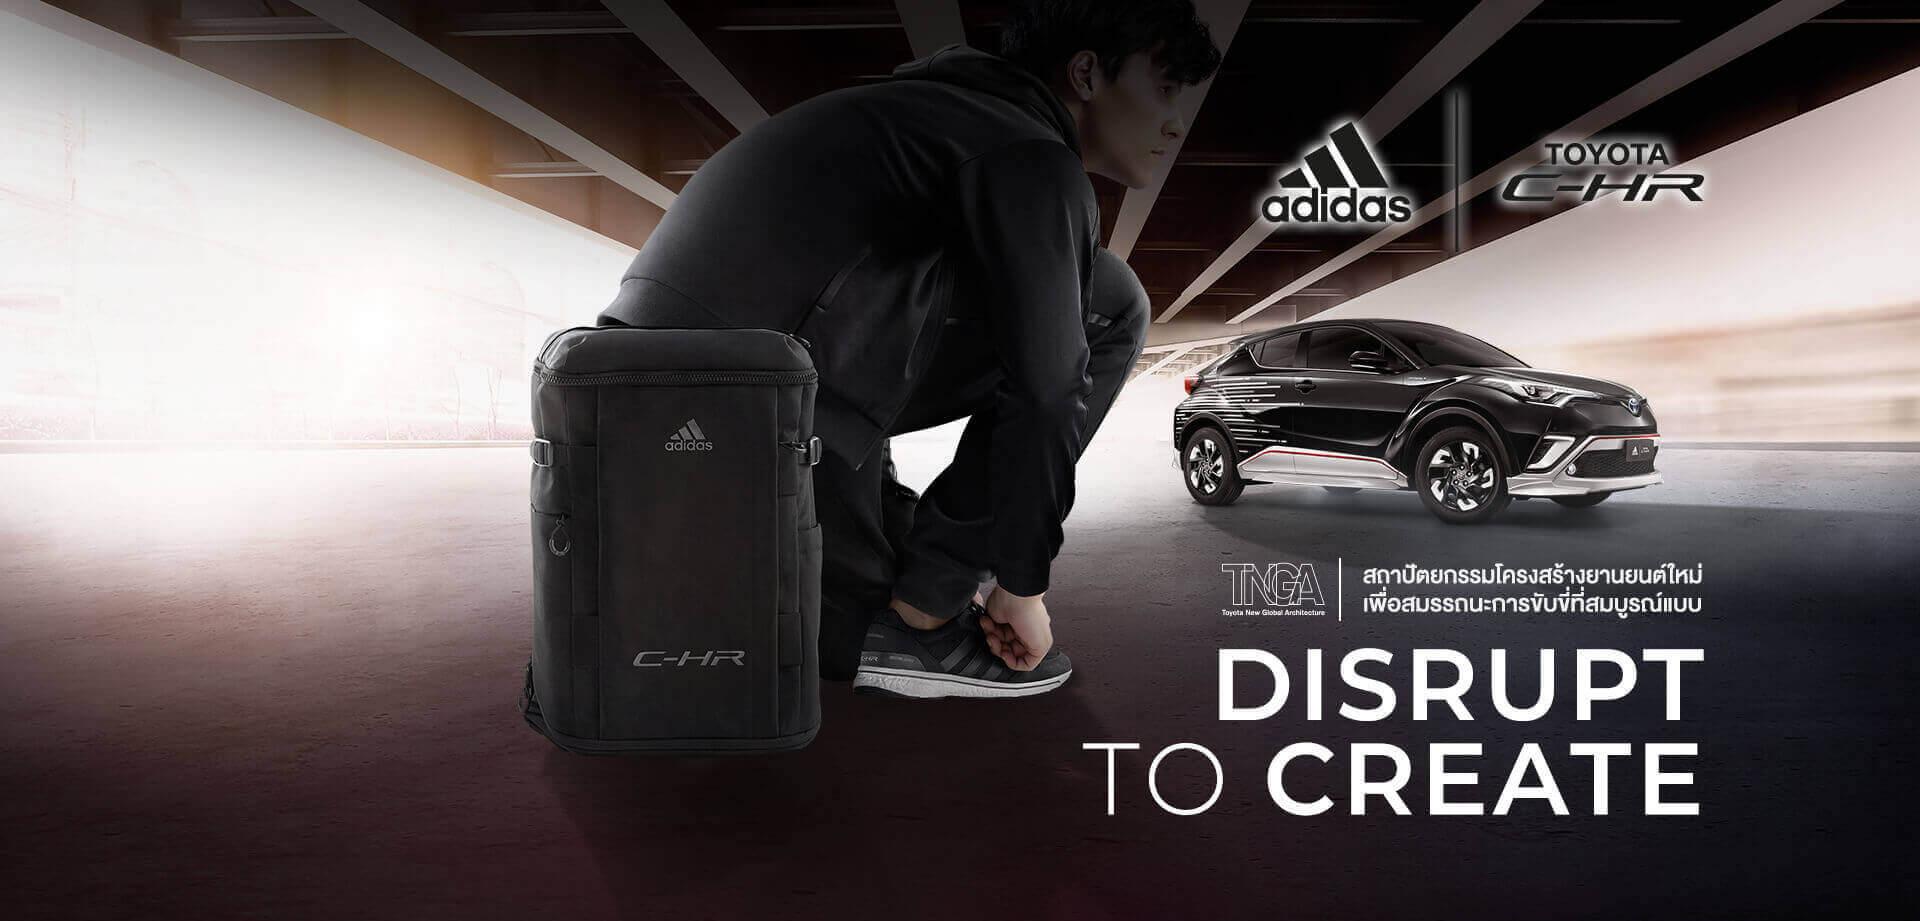 CHR-Adidas